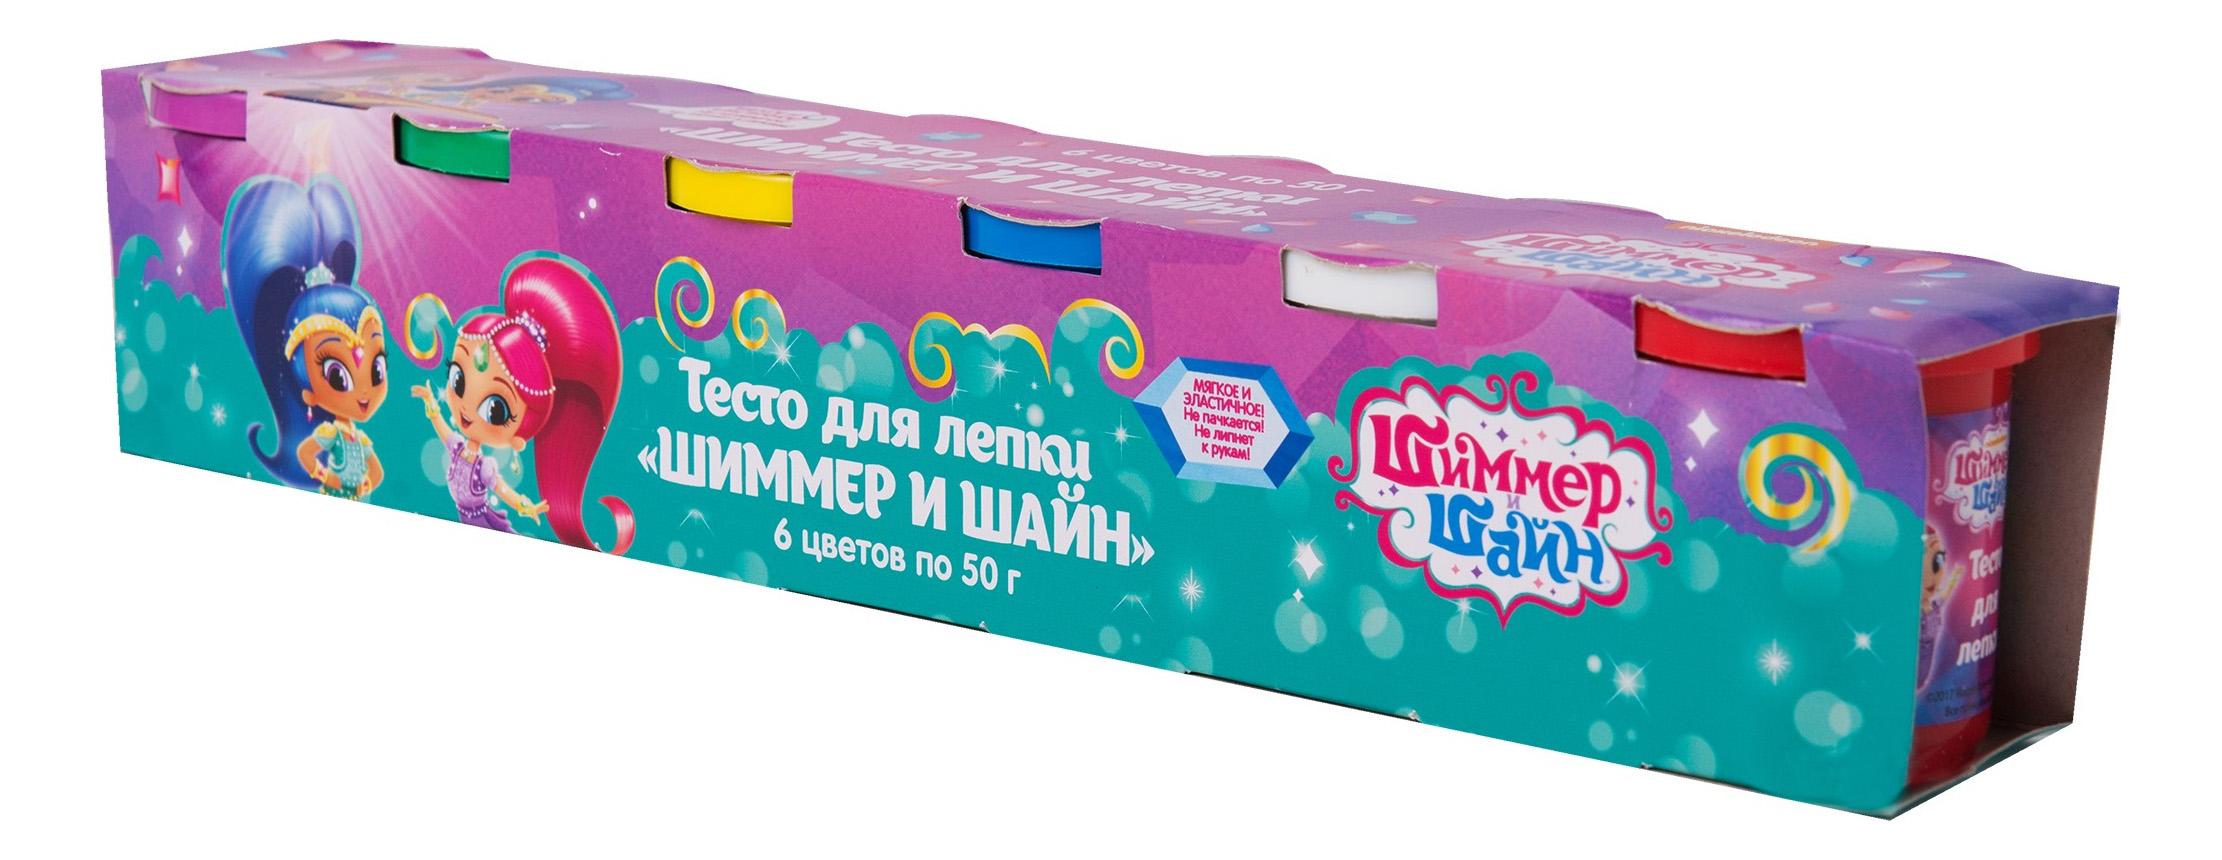 Купить Набор для лепки из пластилина Shimmer and Shine 6 цветов, Росмэн, Лепка